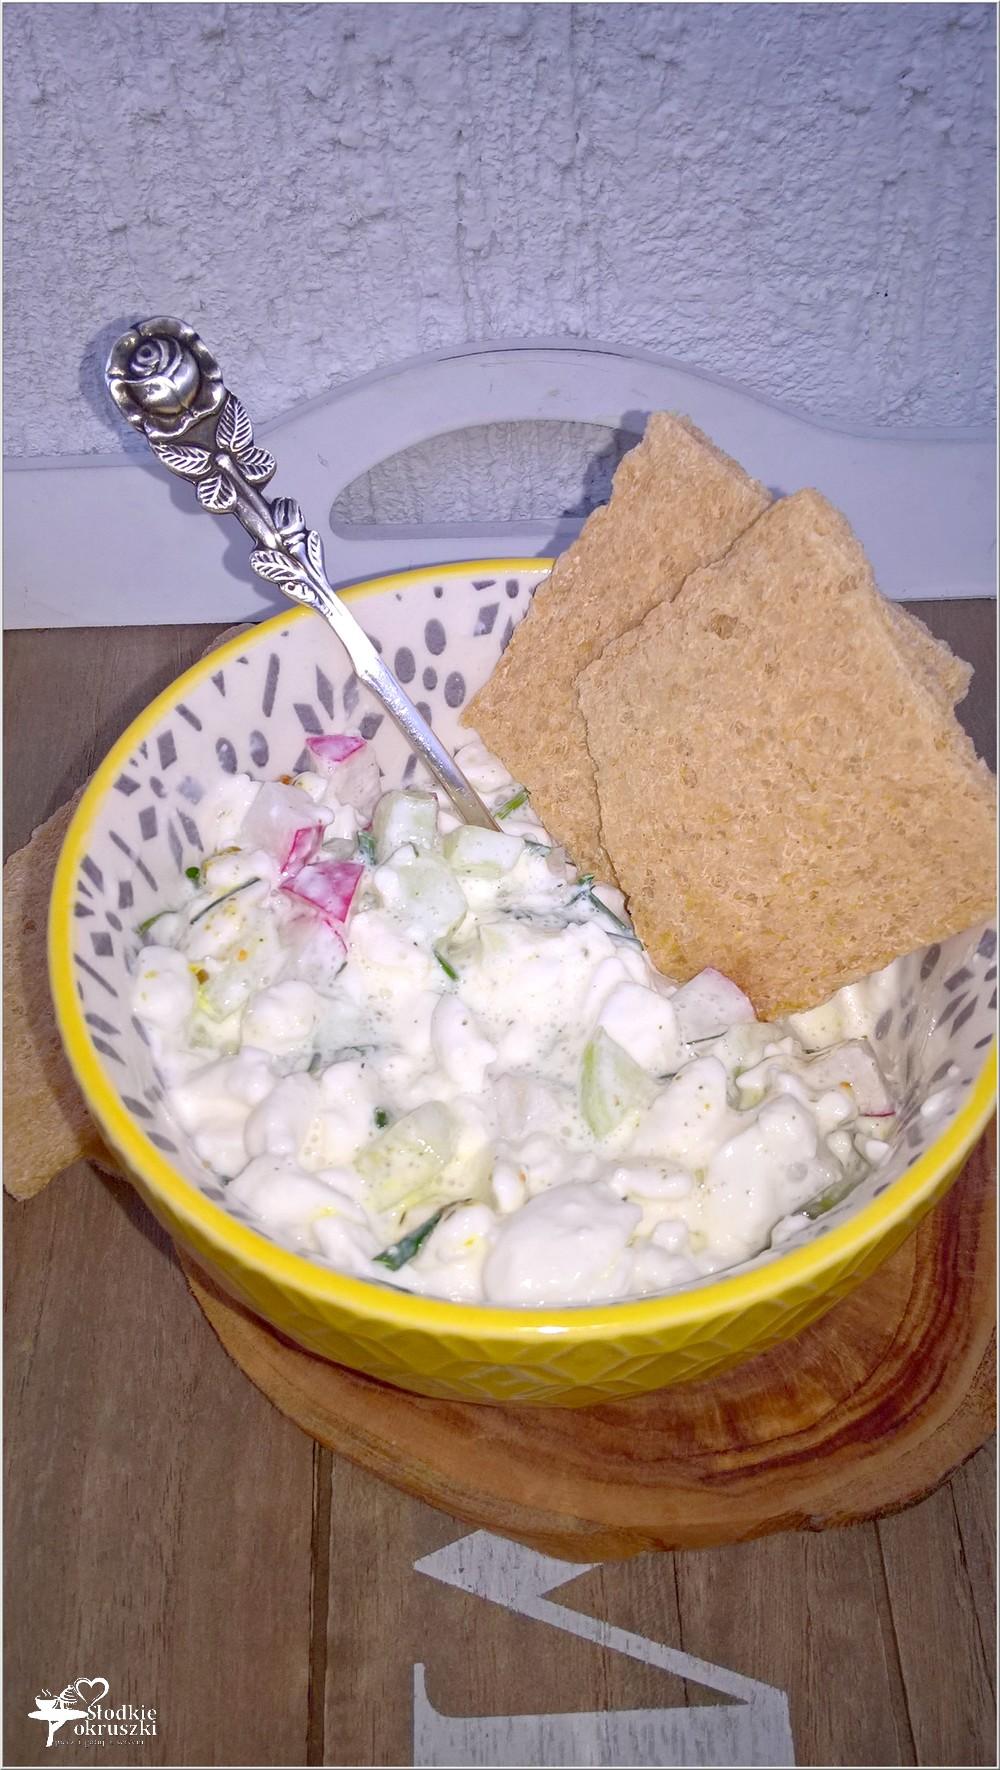 Lekkie śniadanie. Serek wiejski z ziołami, ogórkiem i rzodkiewką (2)